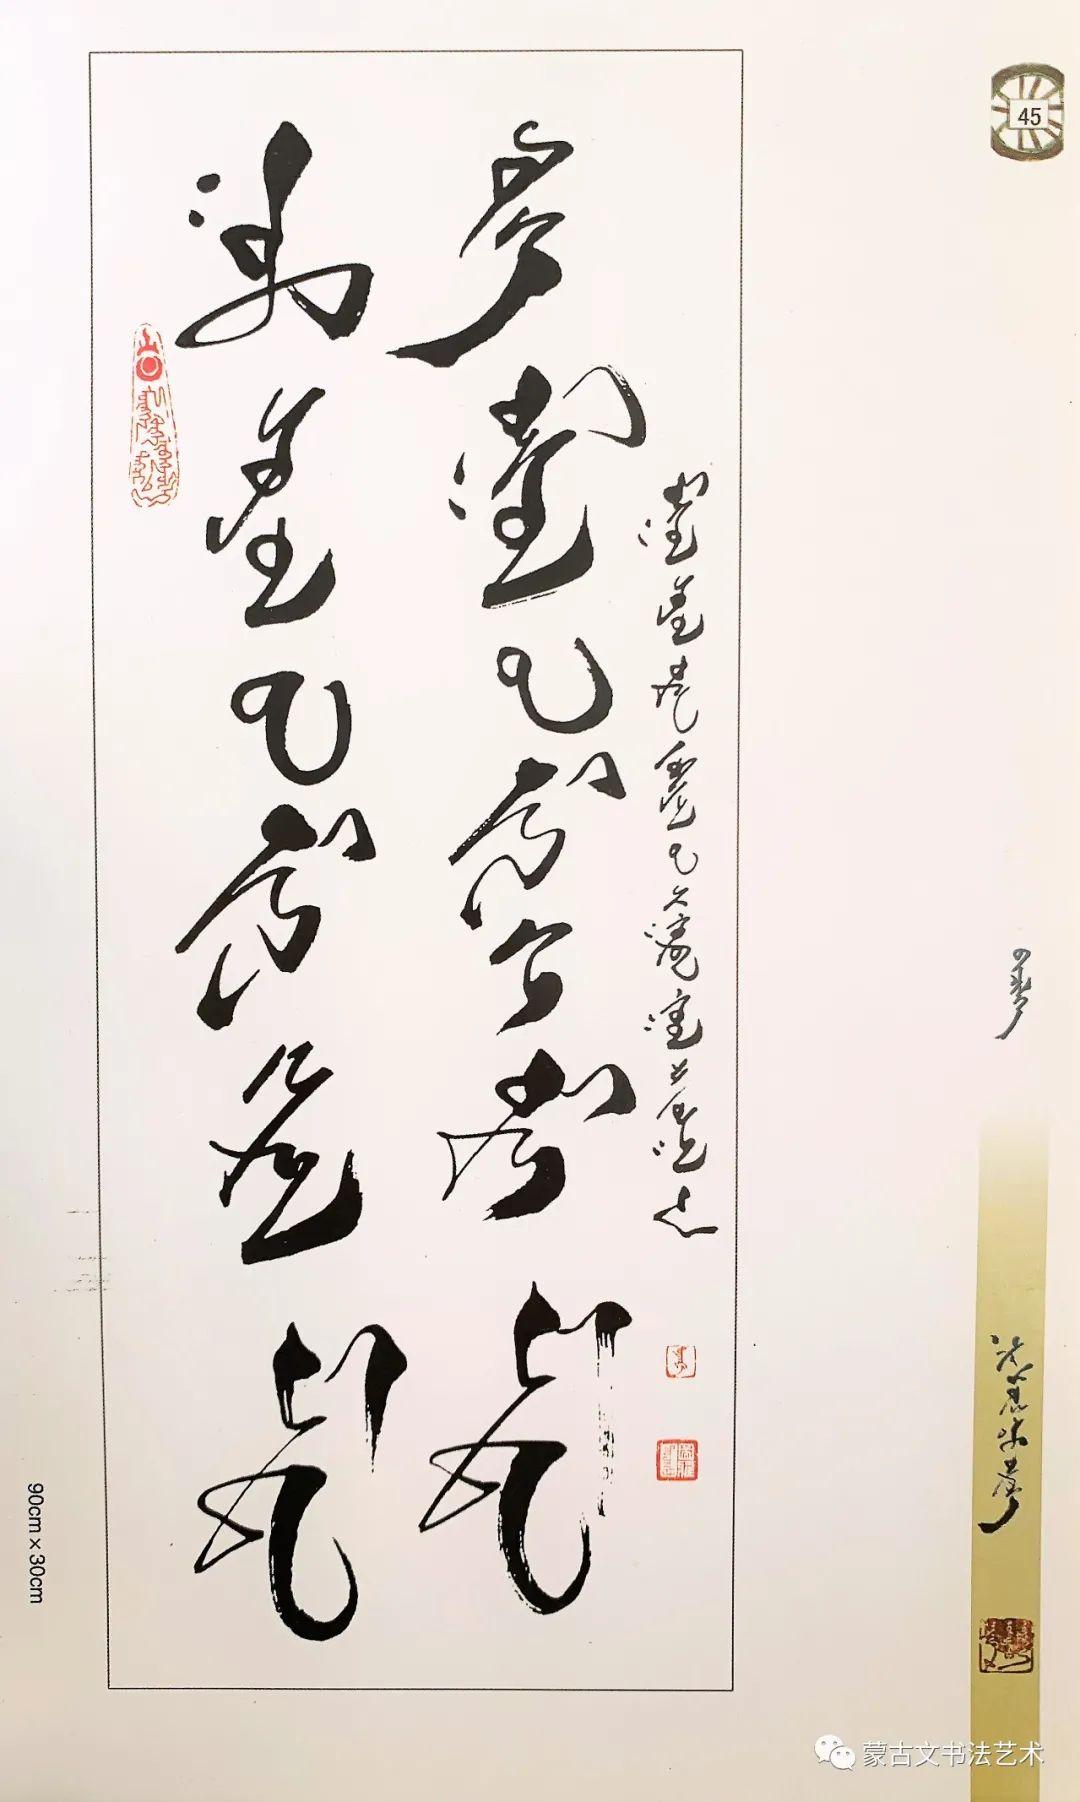 书法书籍——【图雅作品集】 第5张